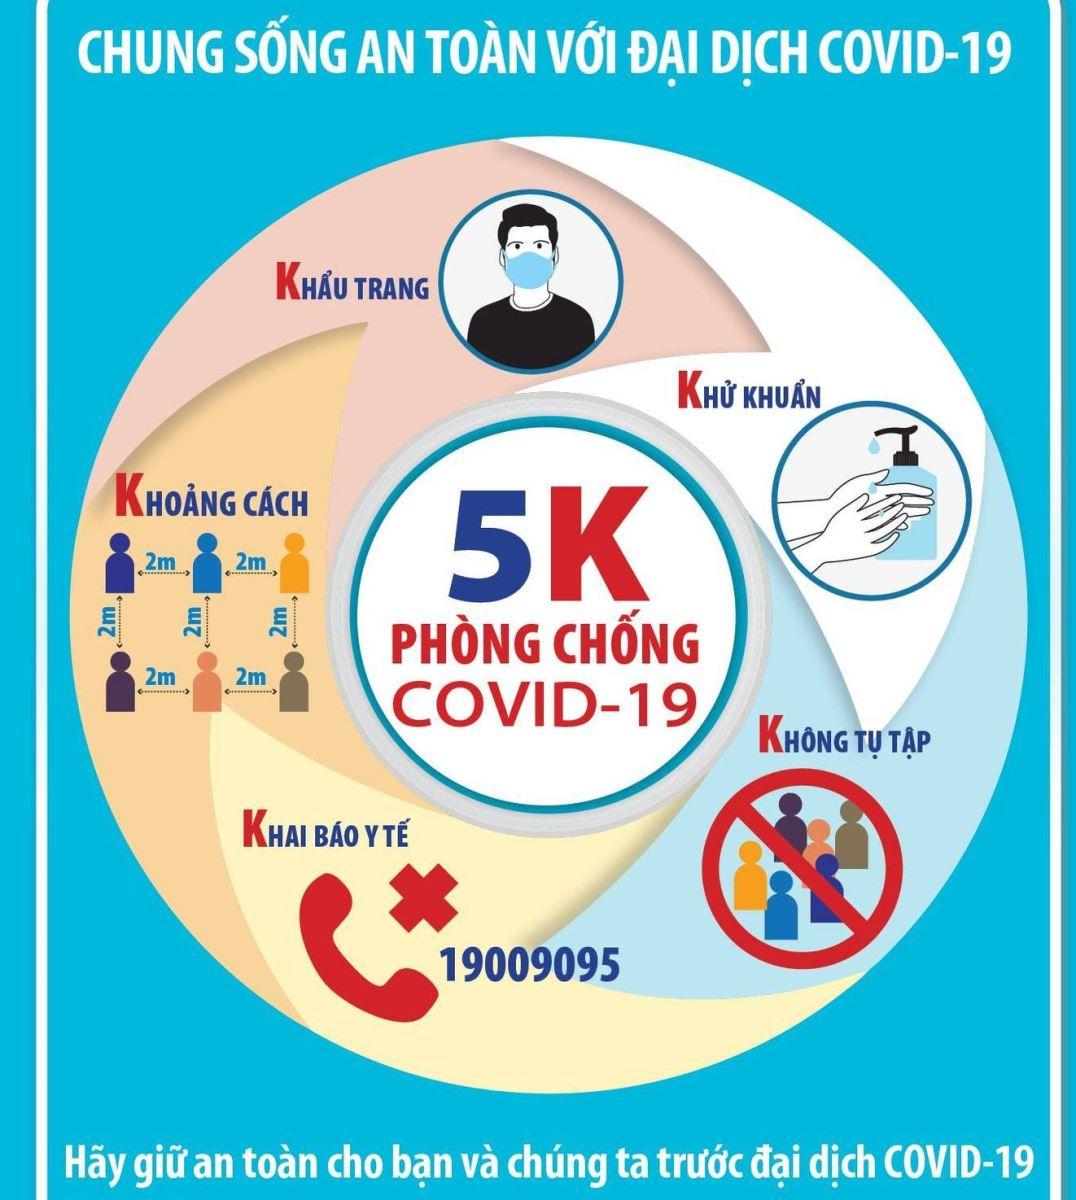 Dịch Covid-19, Dịch covid mới nhất, Sơ ca dương tính mới, Tình hình dịch covid, covid hôm nay, covid ở Bắc Ninh, covid ở TP.HCM, covid ở Hà Tĩnh, Covid ngày 13/6